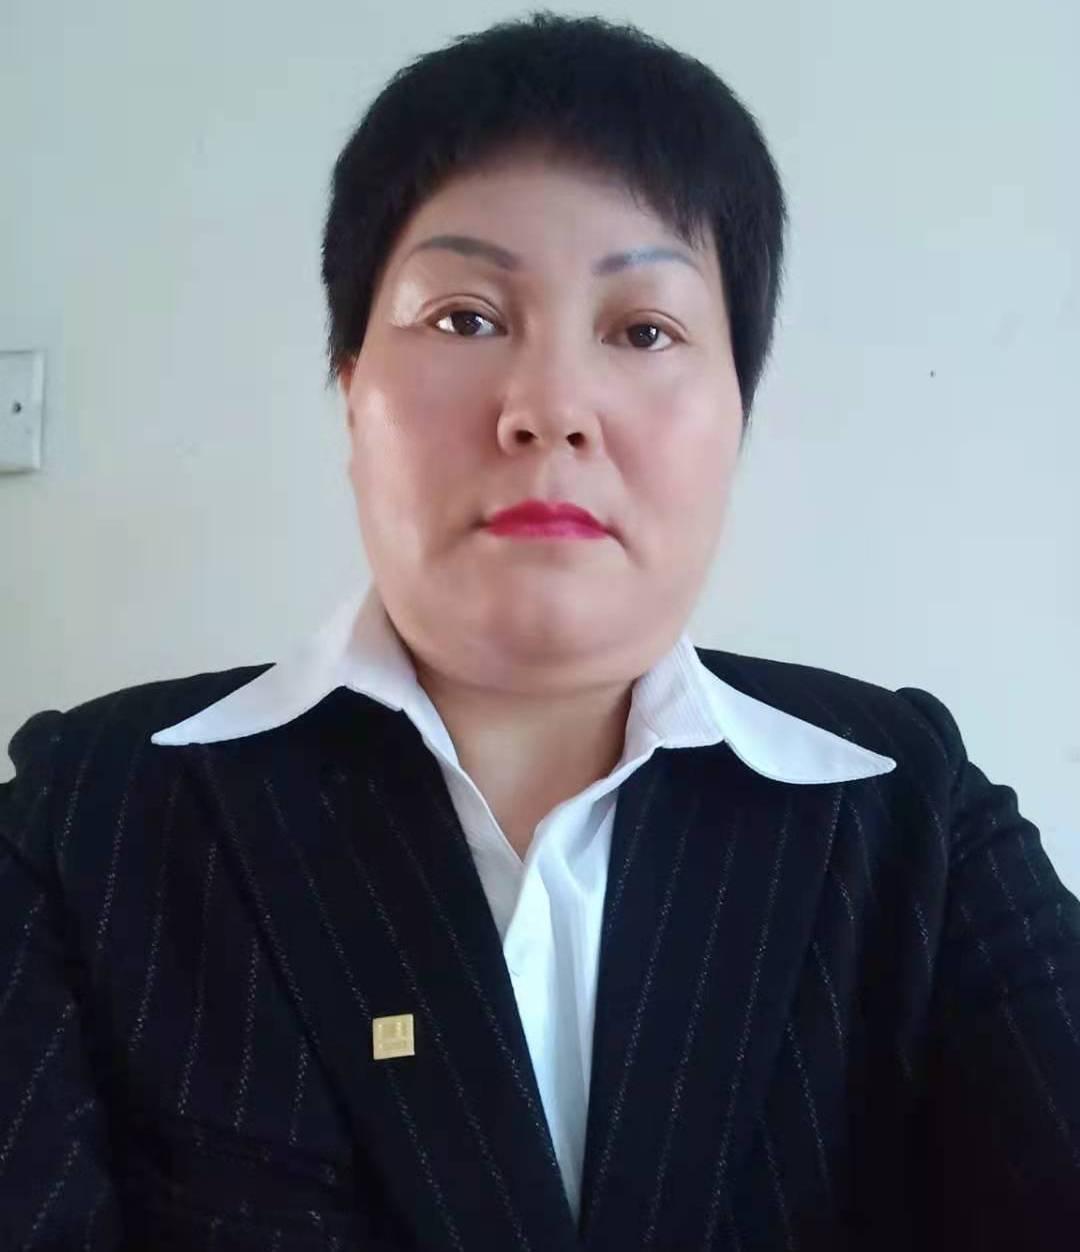 泰康人寿李少兰